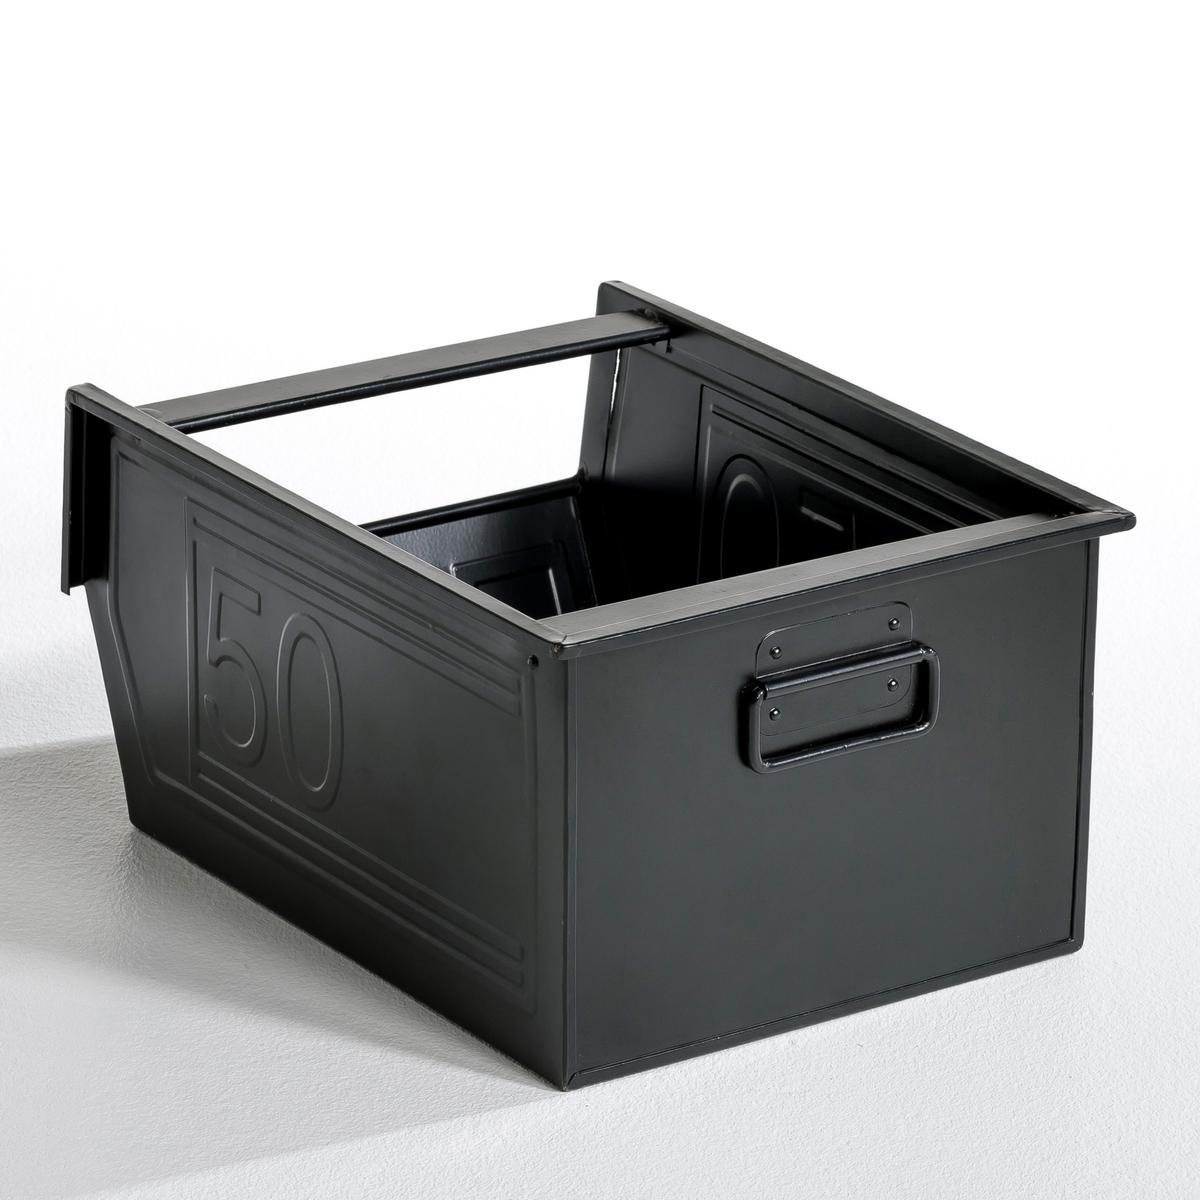 ЯщикМеталлический ящик Will с ручкой для удобной транспортировки. Отделка эпоксидной краской. Размер: длина 28 х ширина 37 х высота 20 см.<br><br>Цвет: белый,желтый,розовый телесный,серый,темно-синий,черный